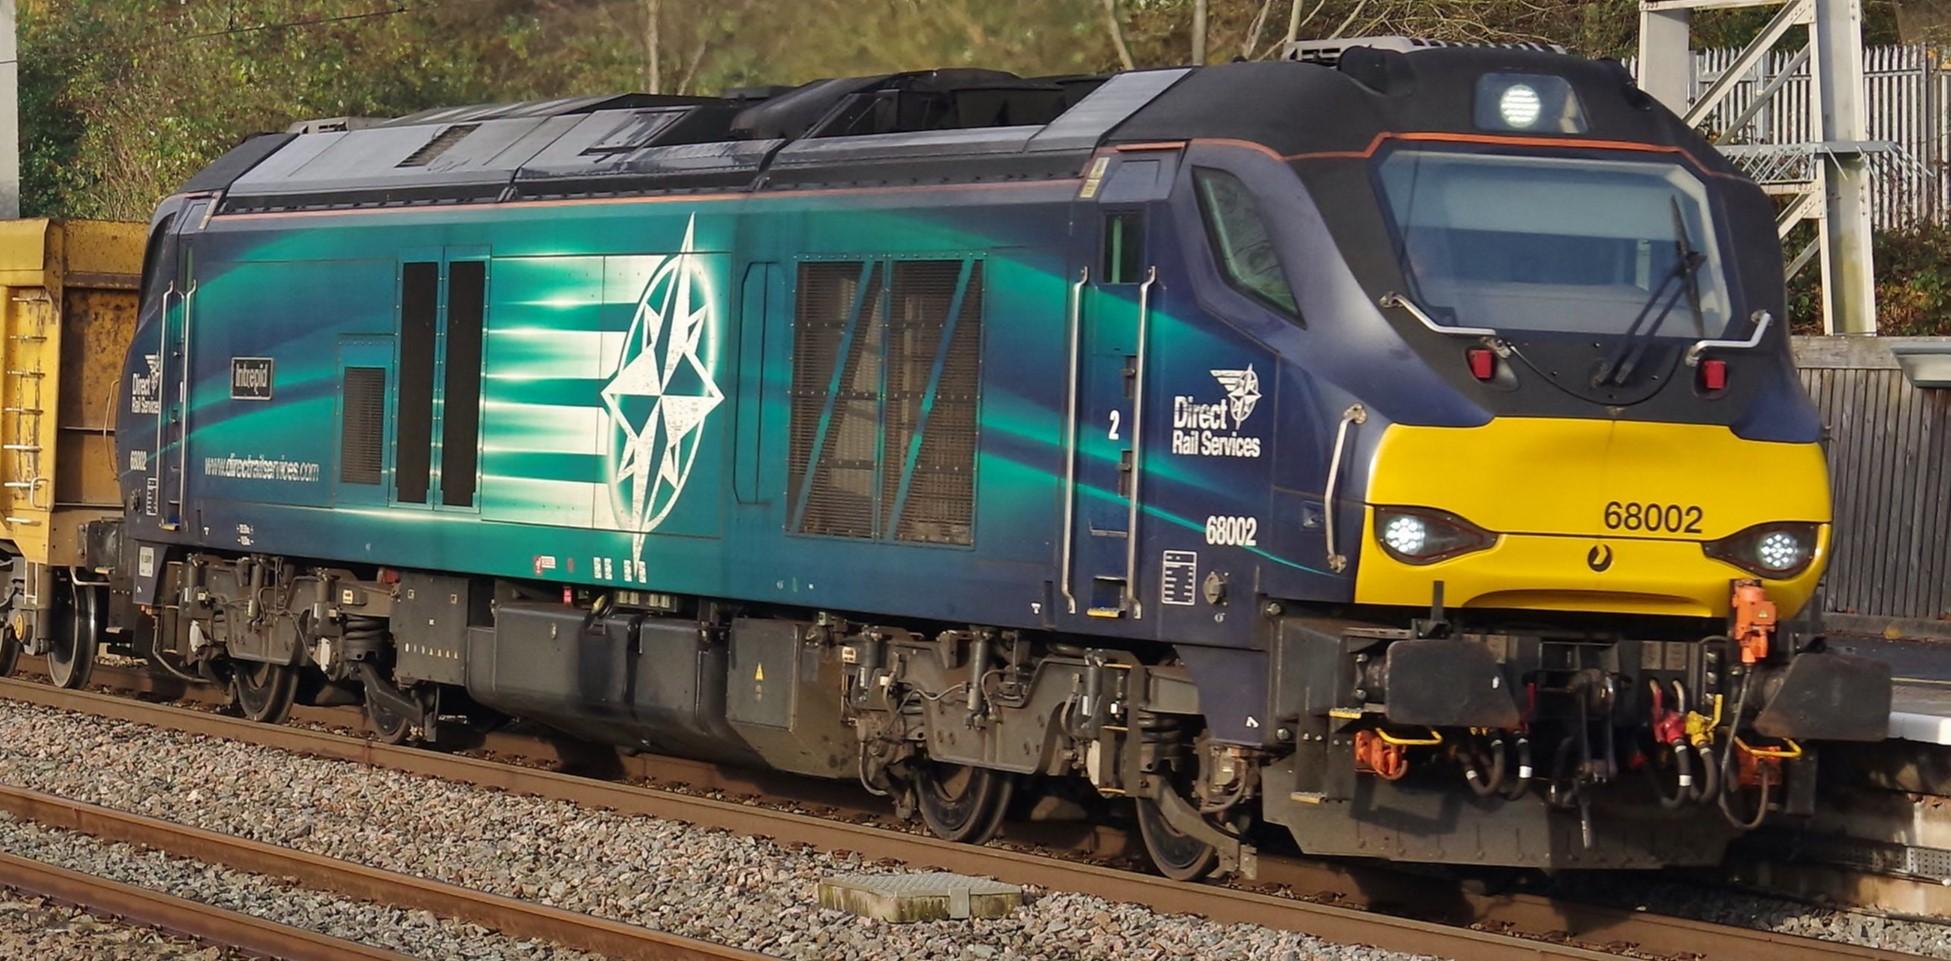 68002 at Tamworth in November 2019. ©Clagmaster